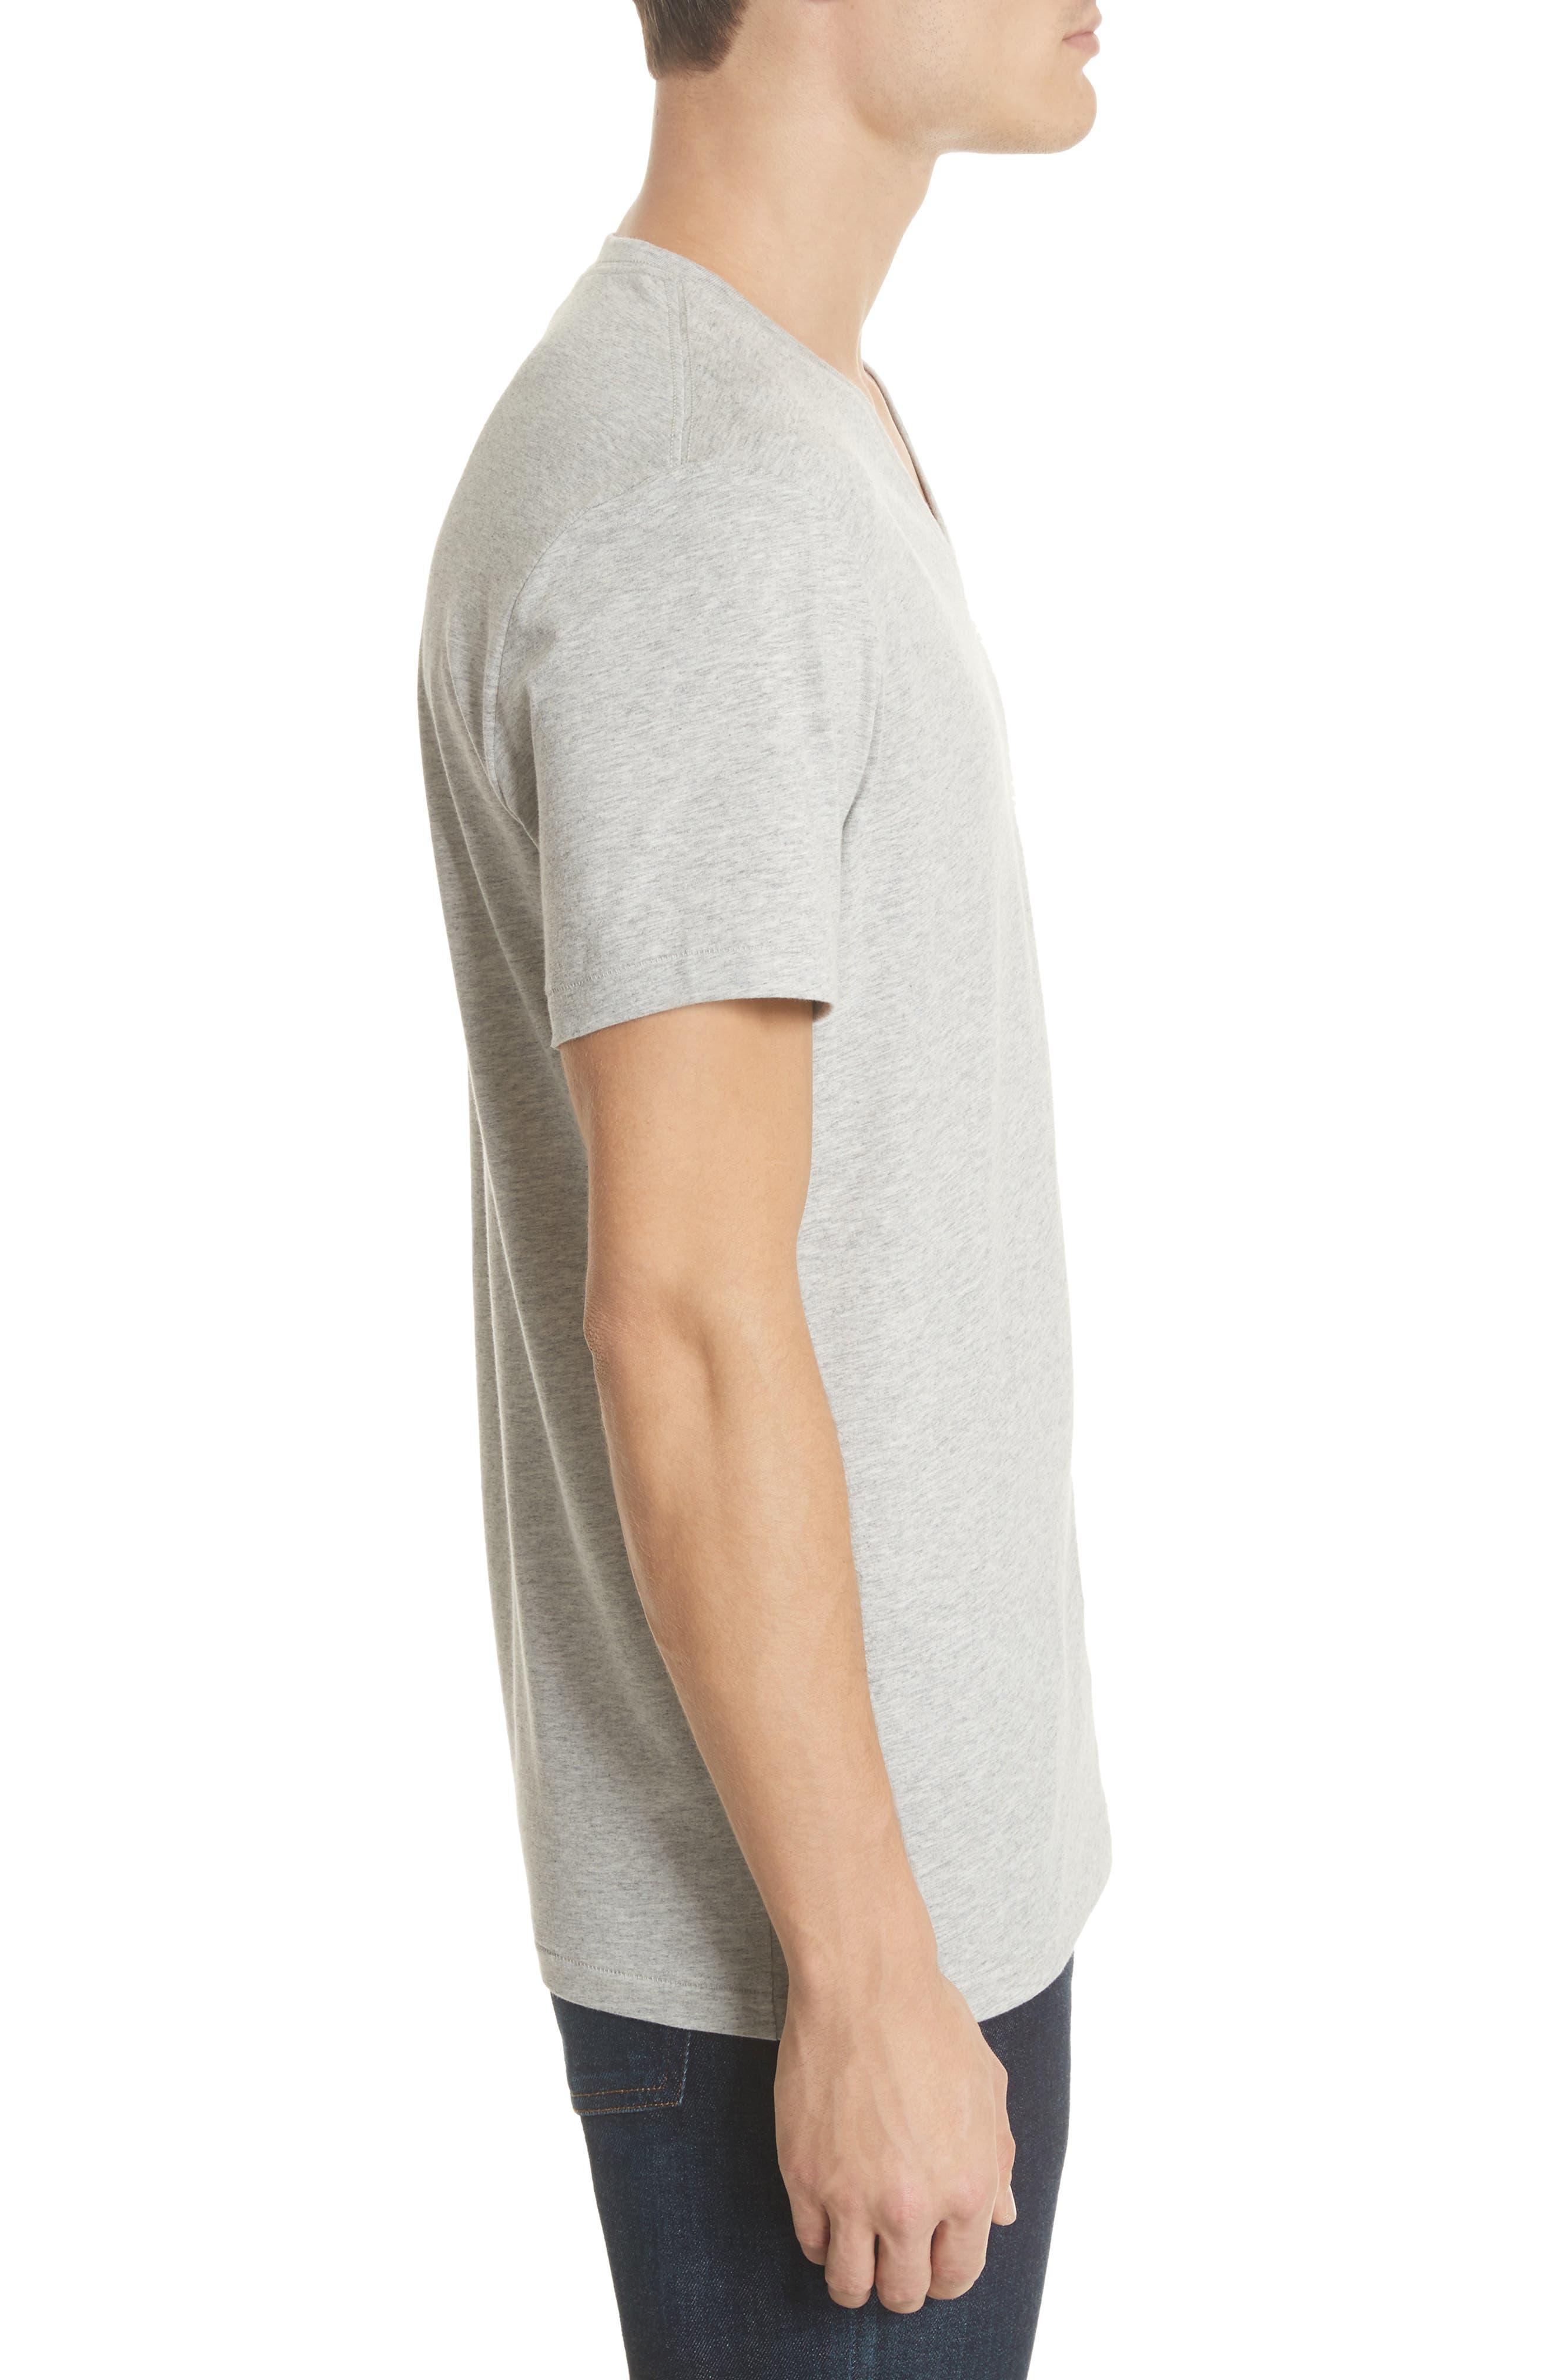 Jadforth V-Neck T-Shirt,                             Alternate thumbnail 3, color,                             PALE GREY MELANGE